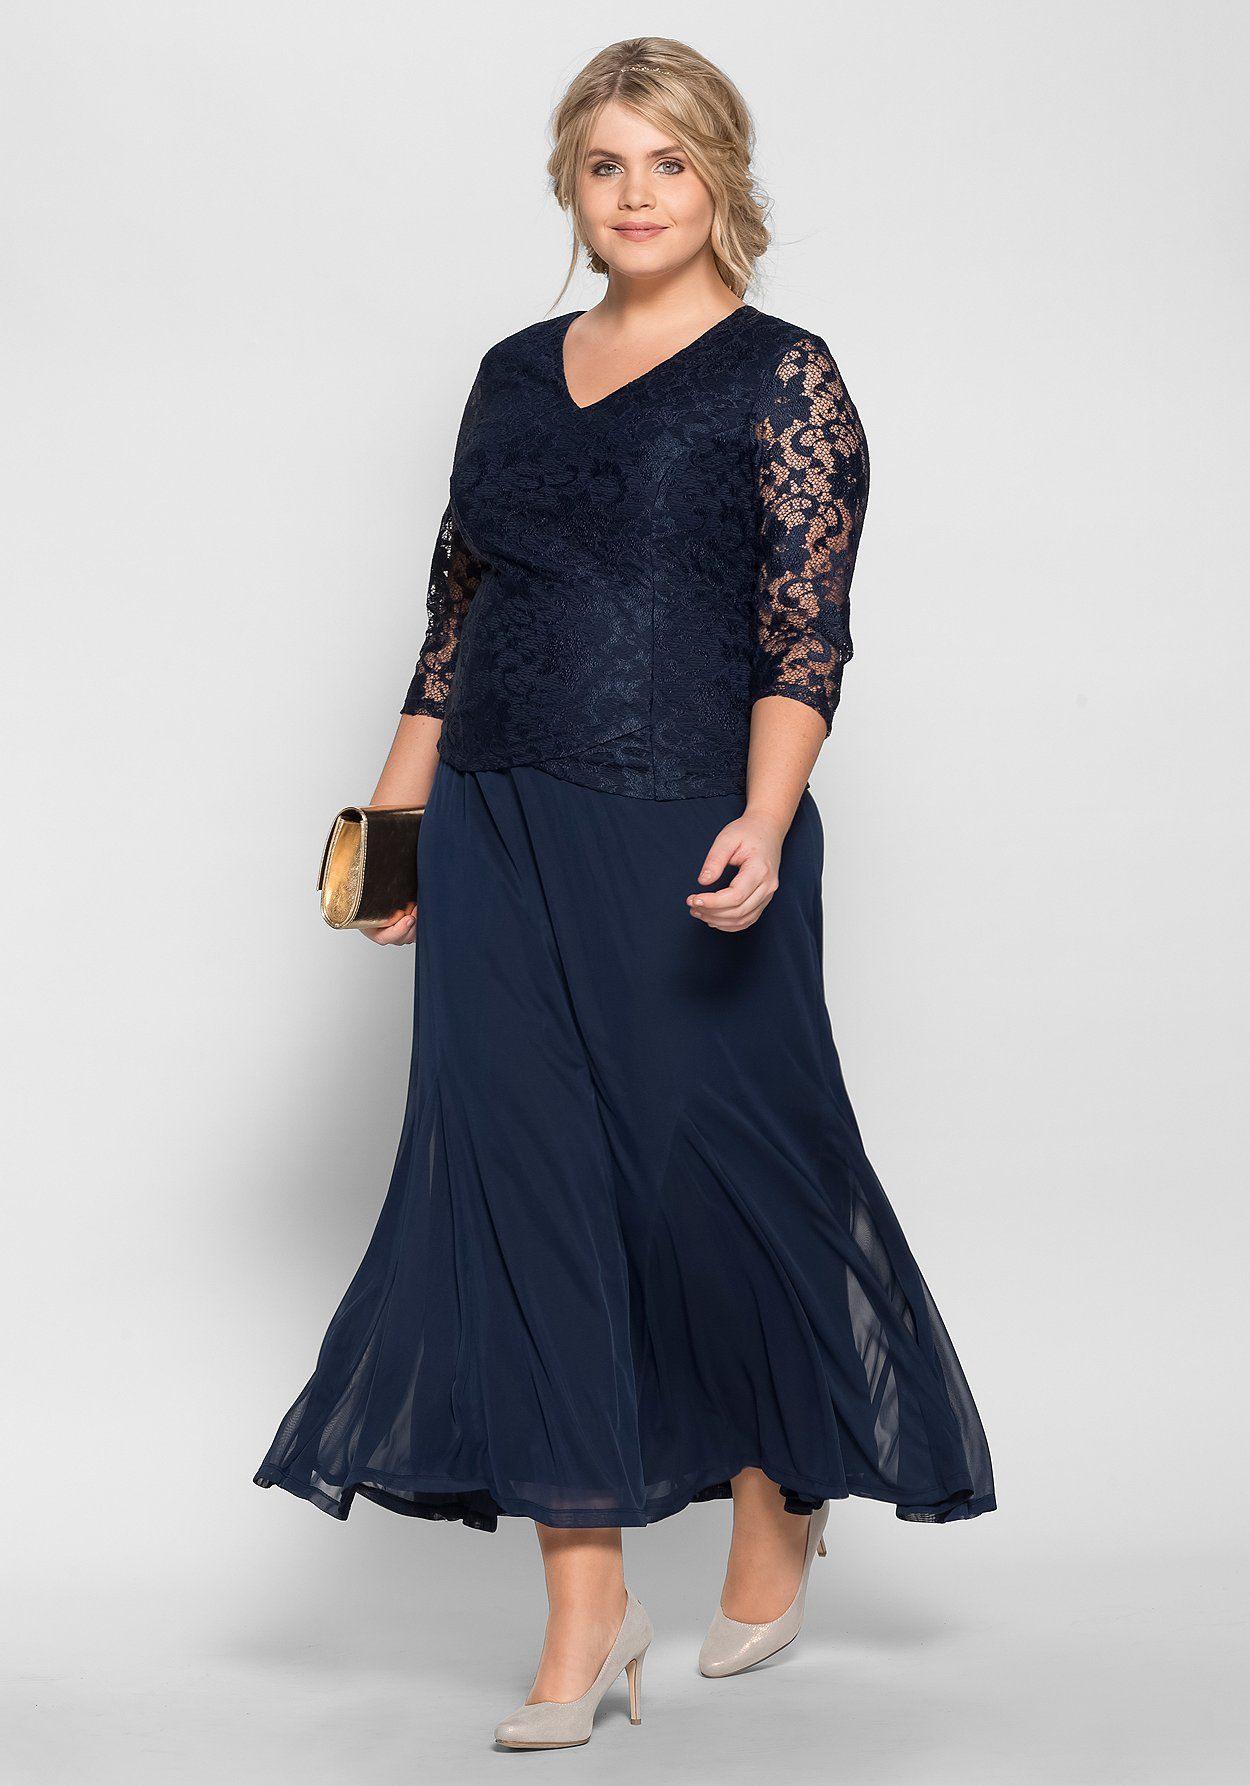 Formal Großartig Abendkleid Xxl Günstig Vertrieb - Abendkleid